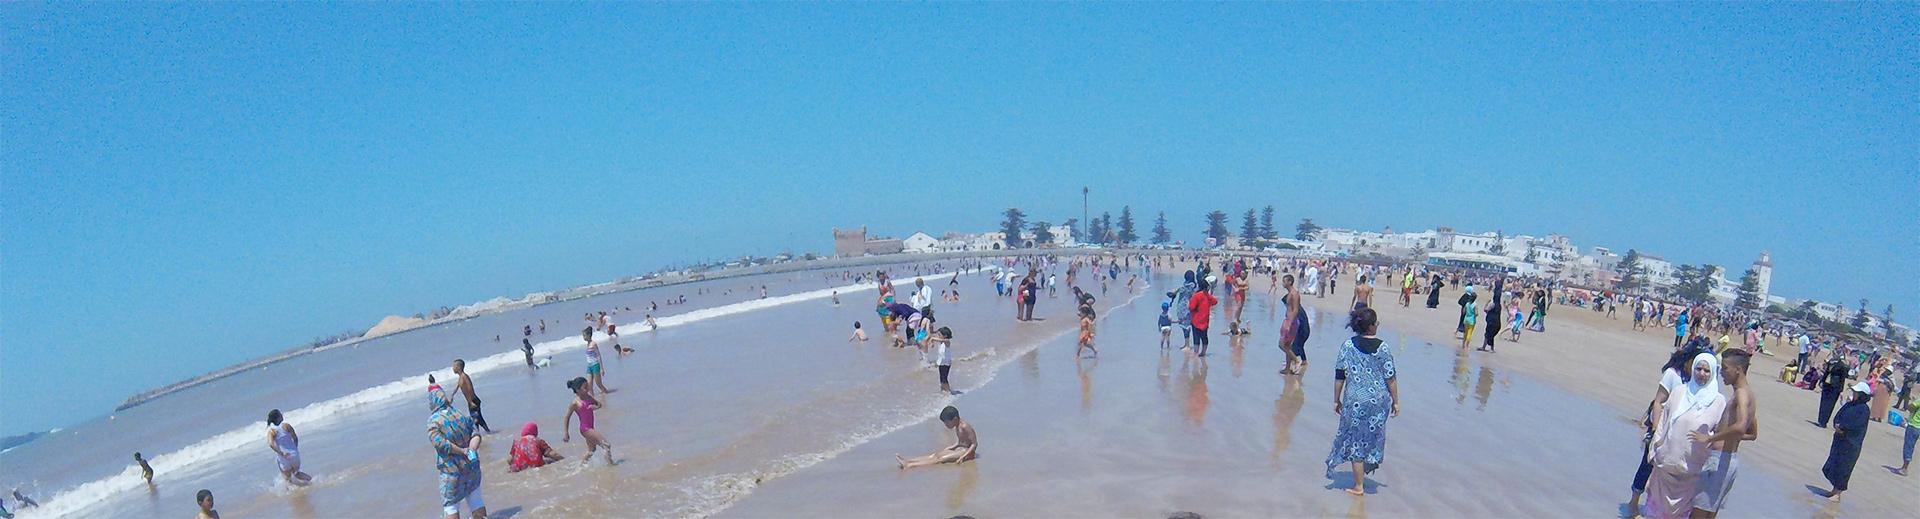 Plaža u Esauiri - Gradu vetrova na Atlantskom okeanu